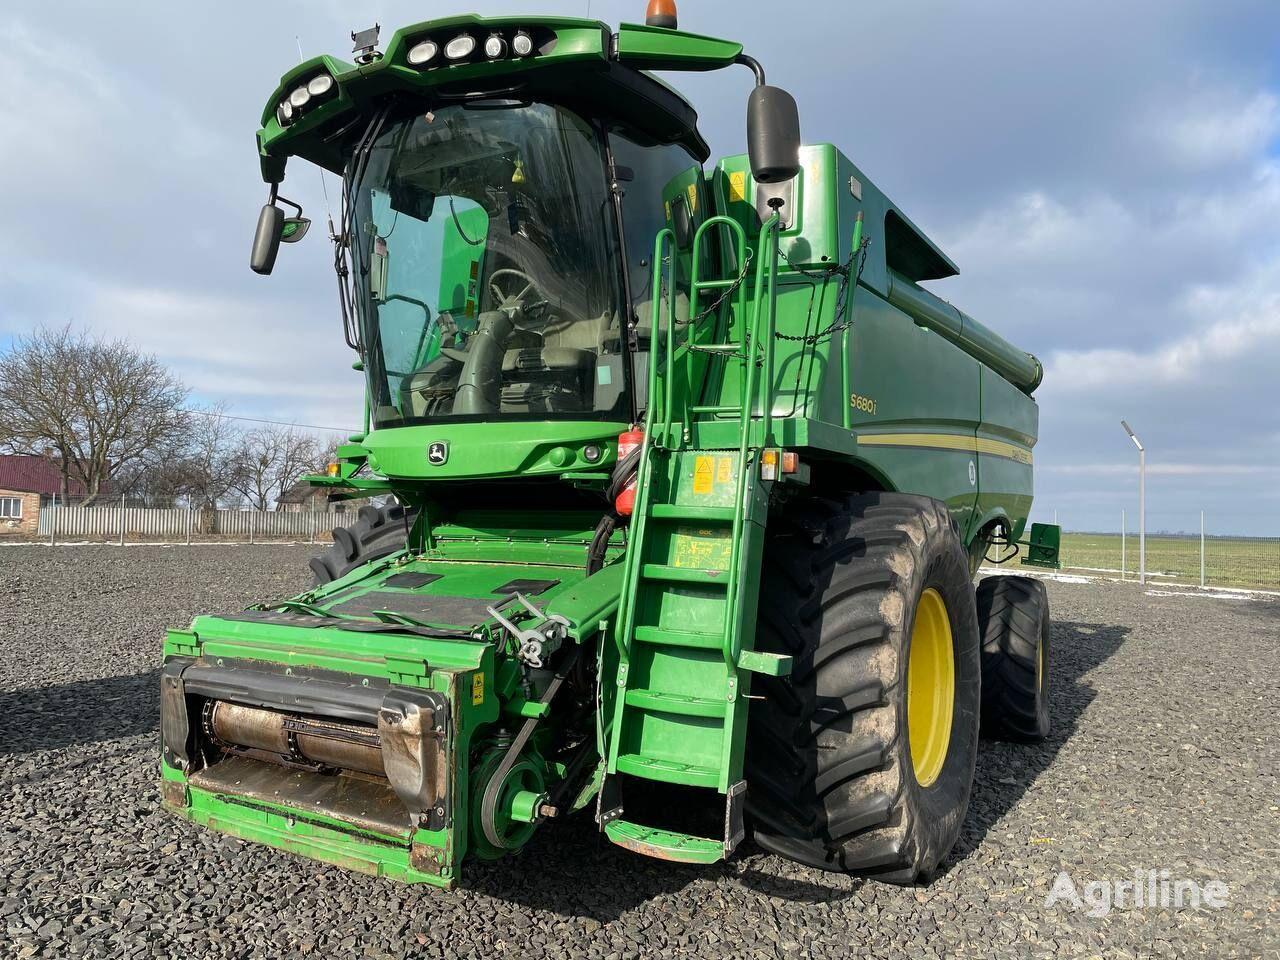 JOHN DEERE S 680i grain harvester